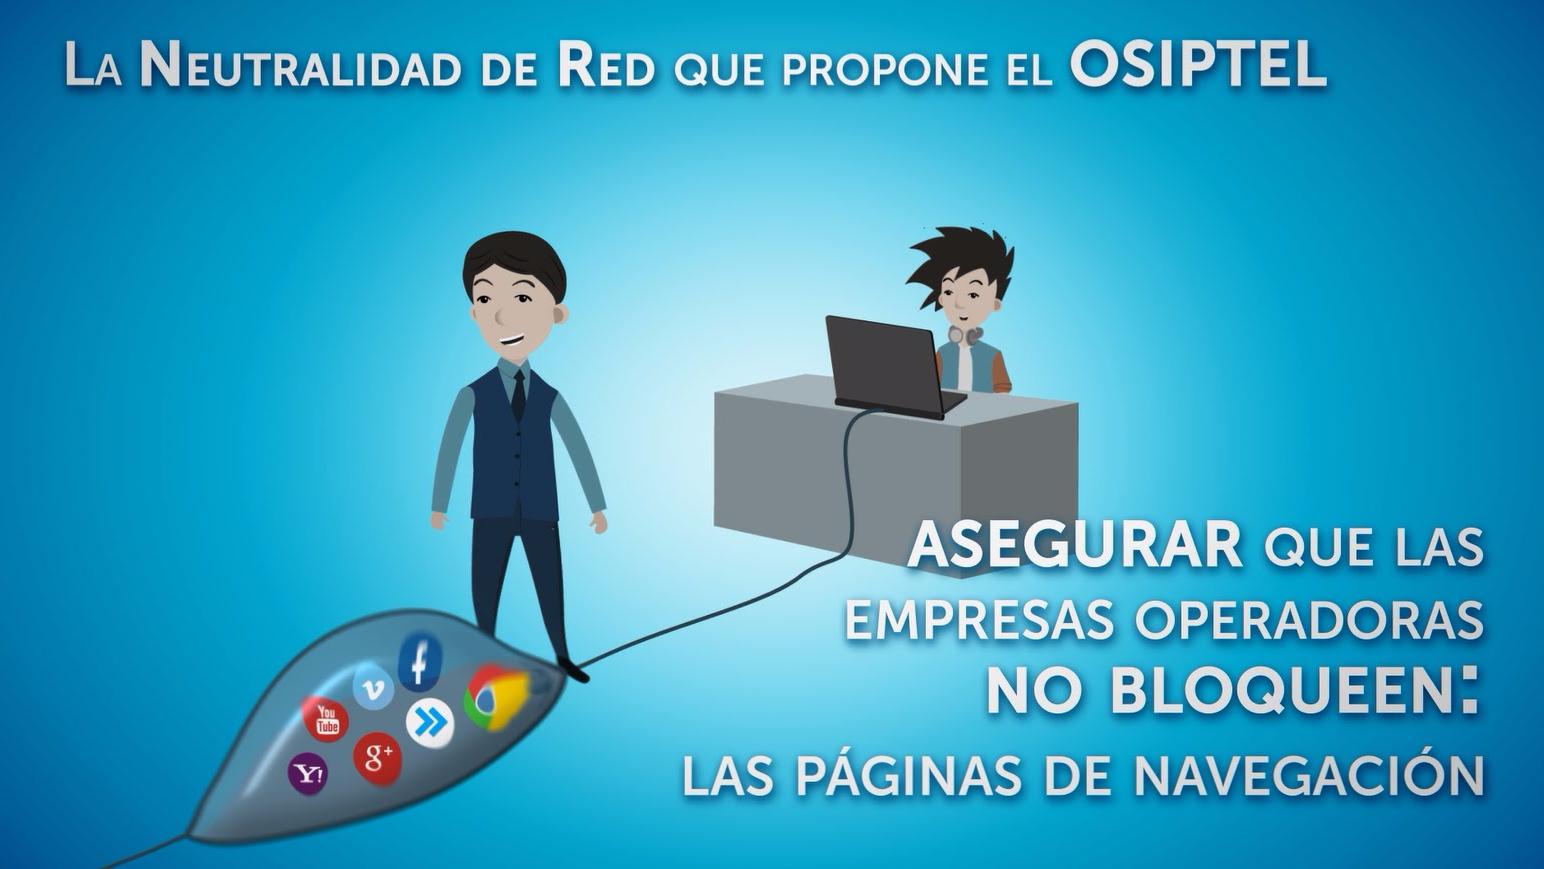 OSIPTEL aprobó el Reglamento de Neutralidad de Red en Perú en diciembre del 2016.